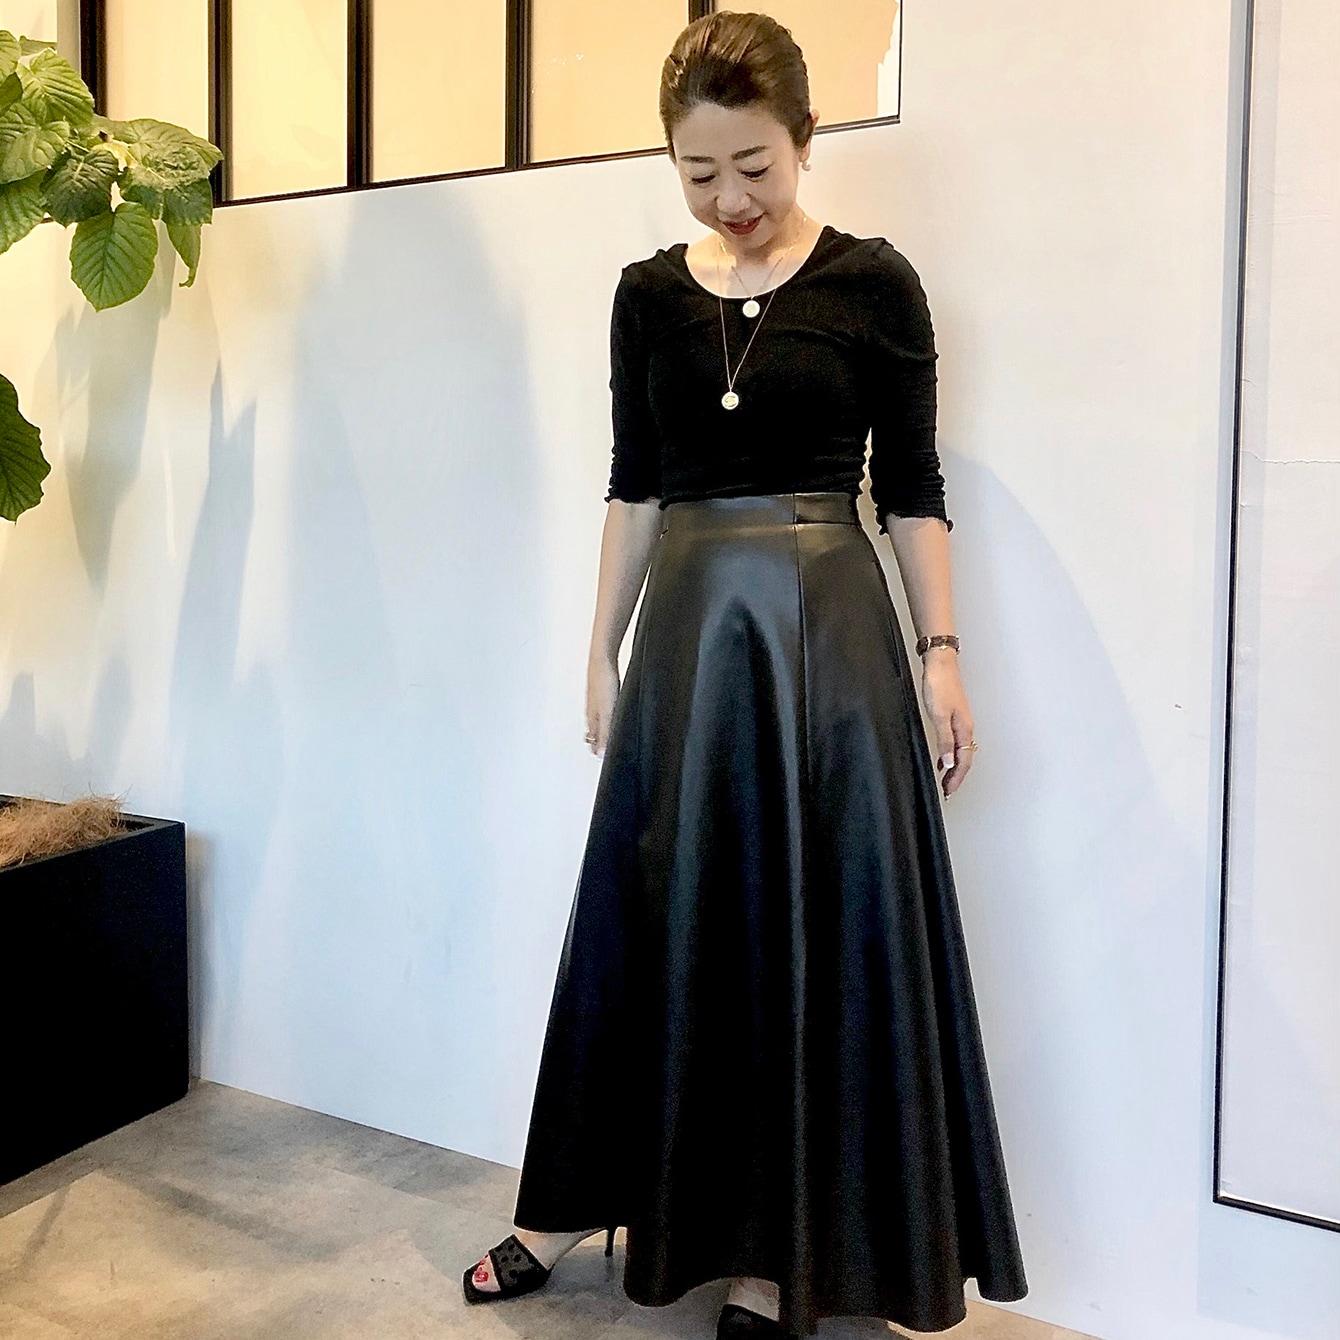 コスパ◎! 12000円で手に入る、モードなエコレザーのスカート